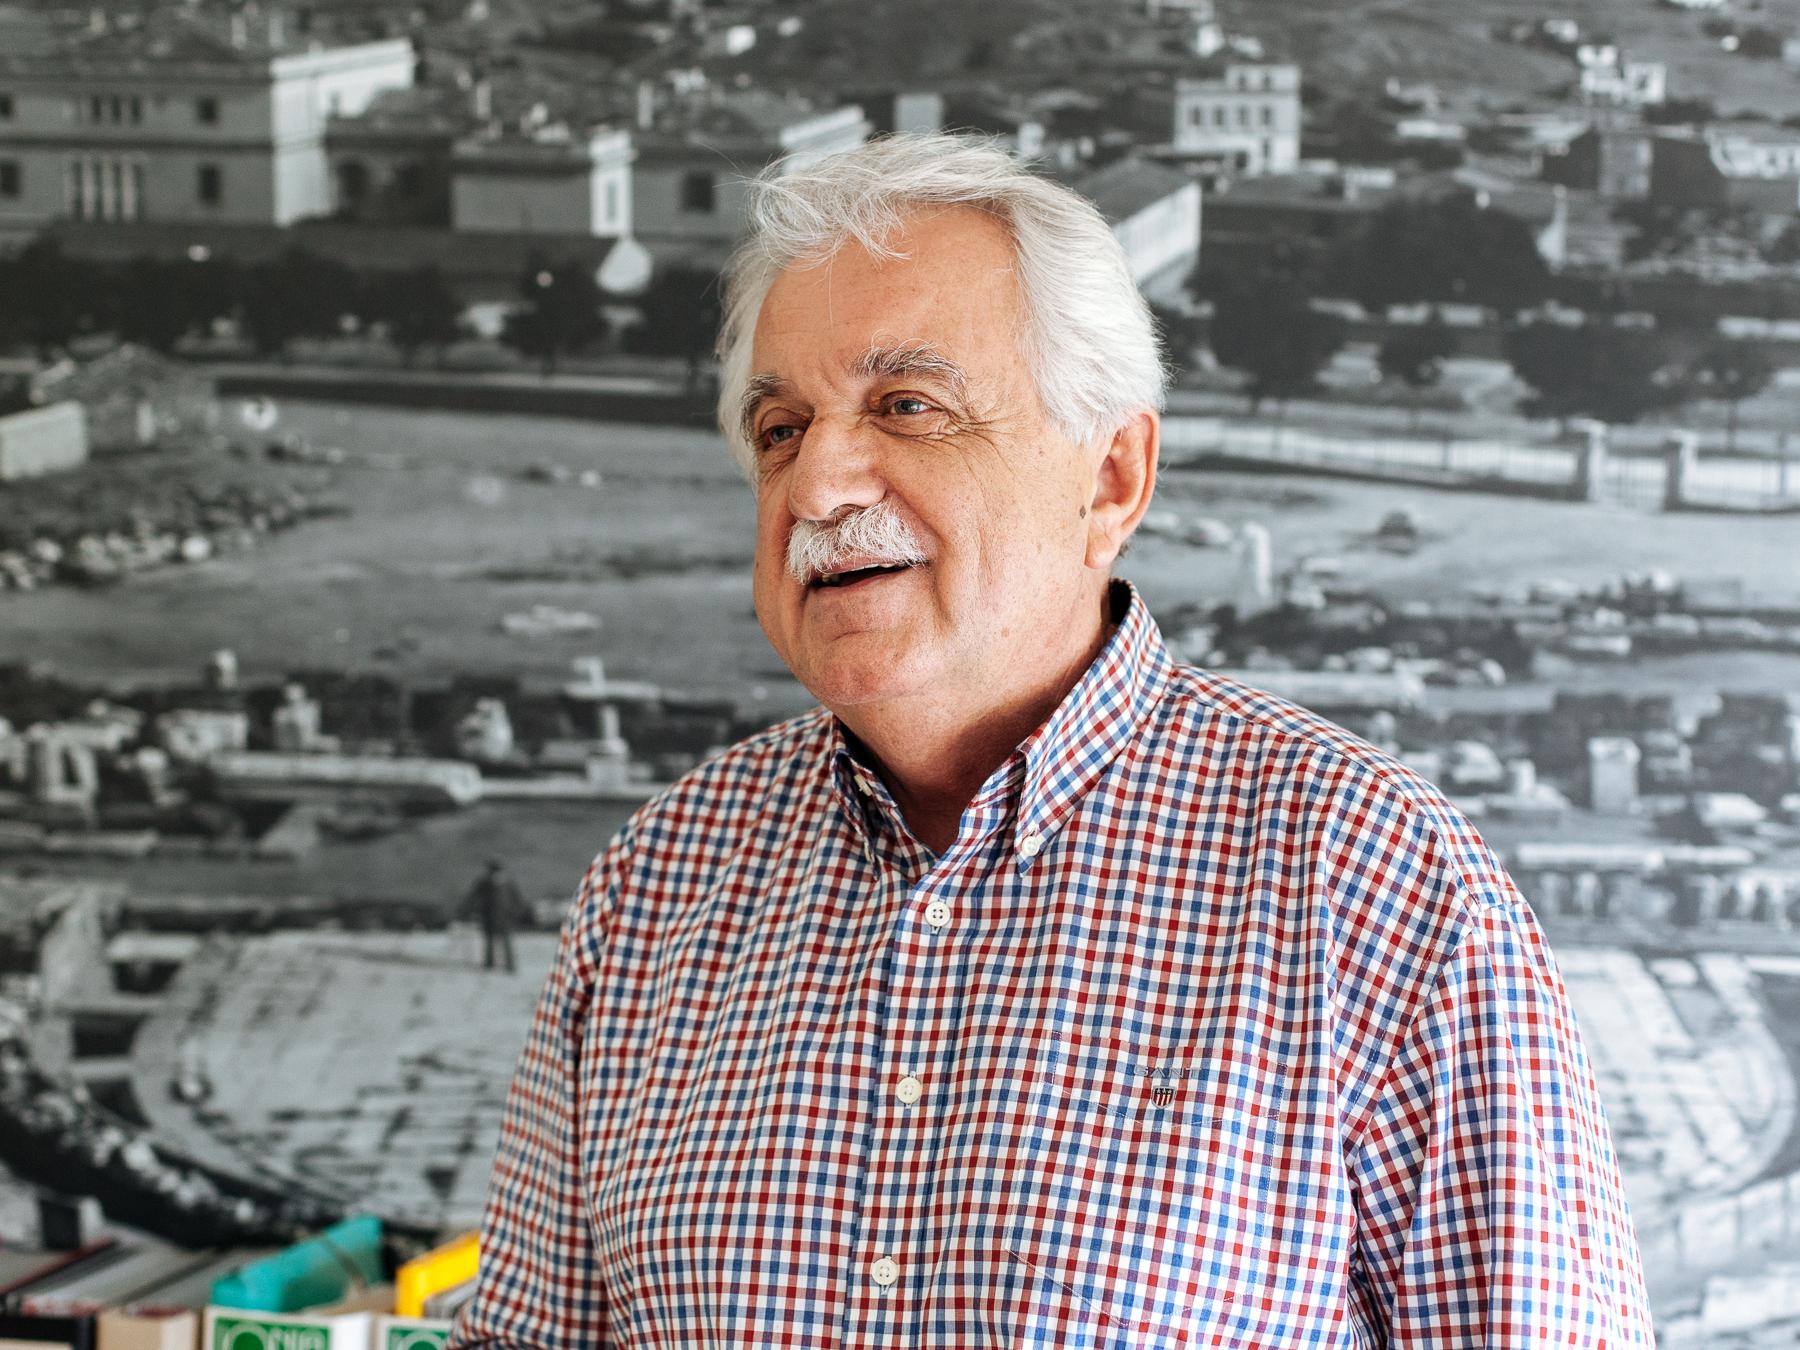 """Ο πρόεδρος του σωματείου """" Διάζωμα """"  κ. Σταύρος Μπένος , στο Ράδιο Γρεβενά 101,5 τη Τρίτη 18/2"""